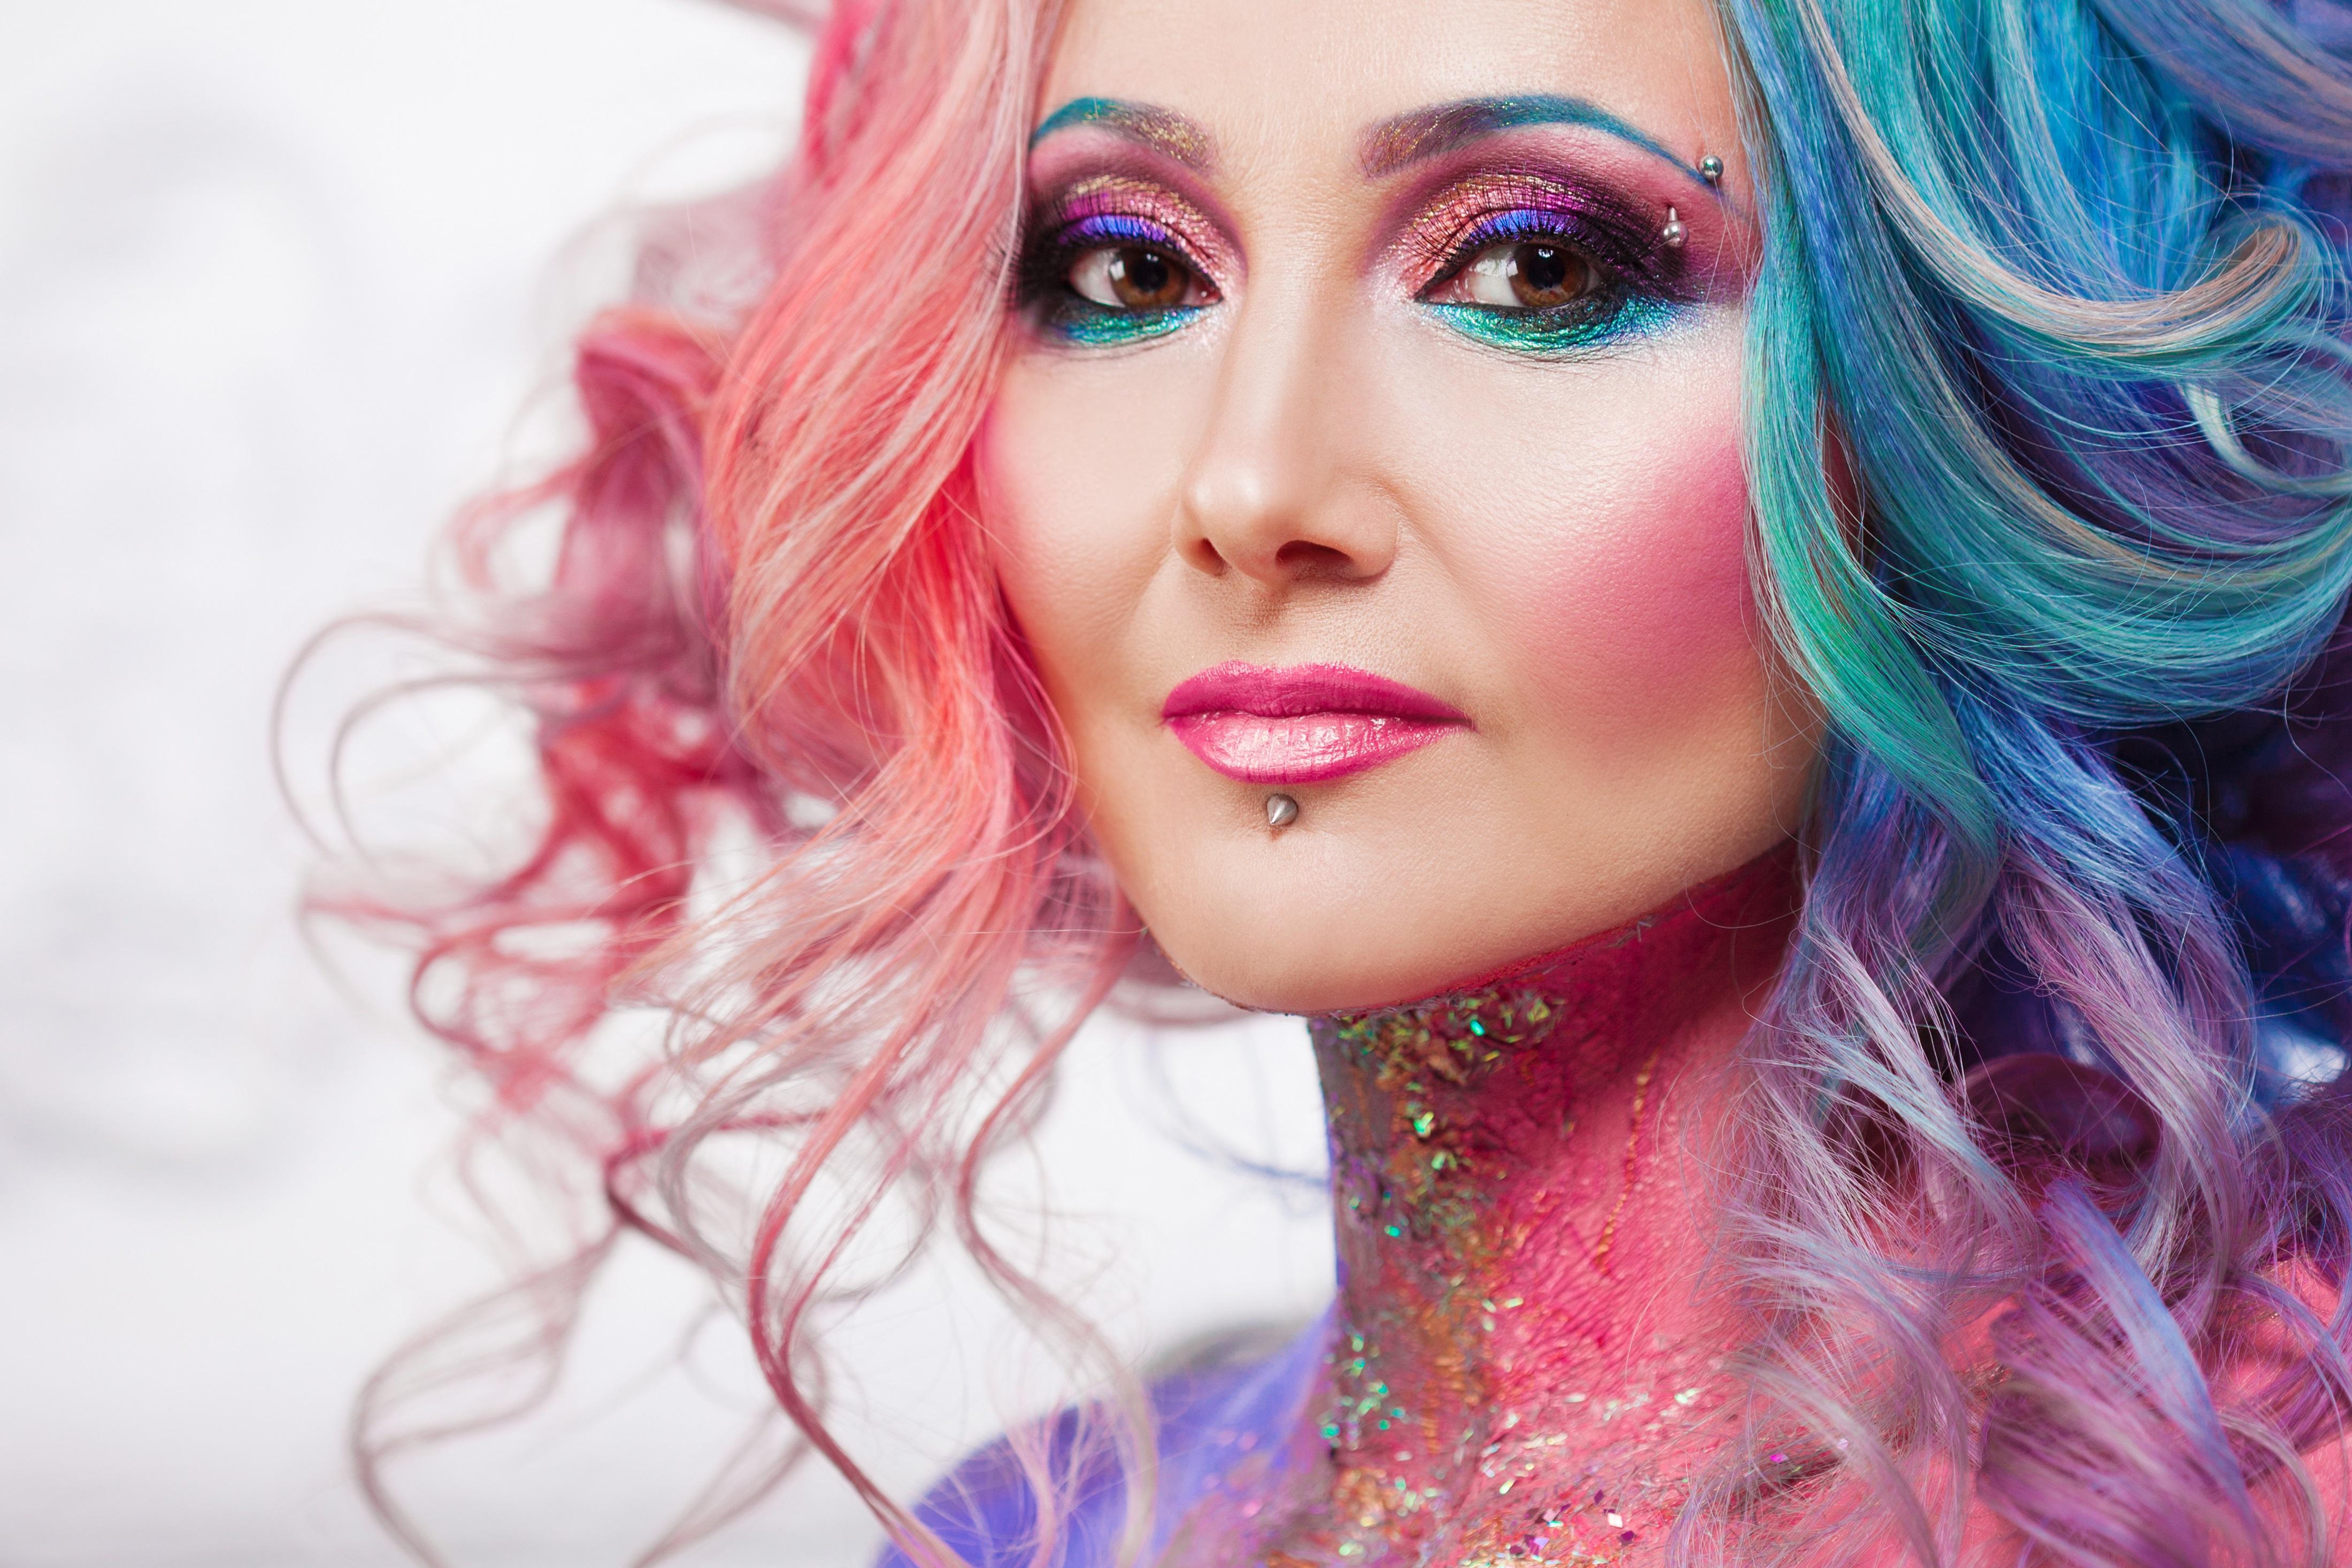 Le Hair Salon & Color Bar